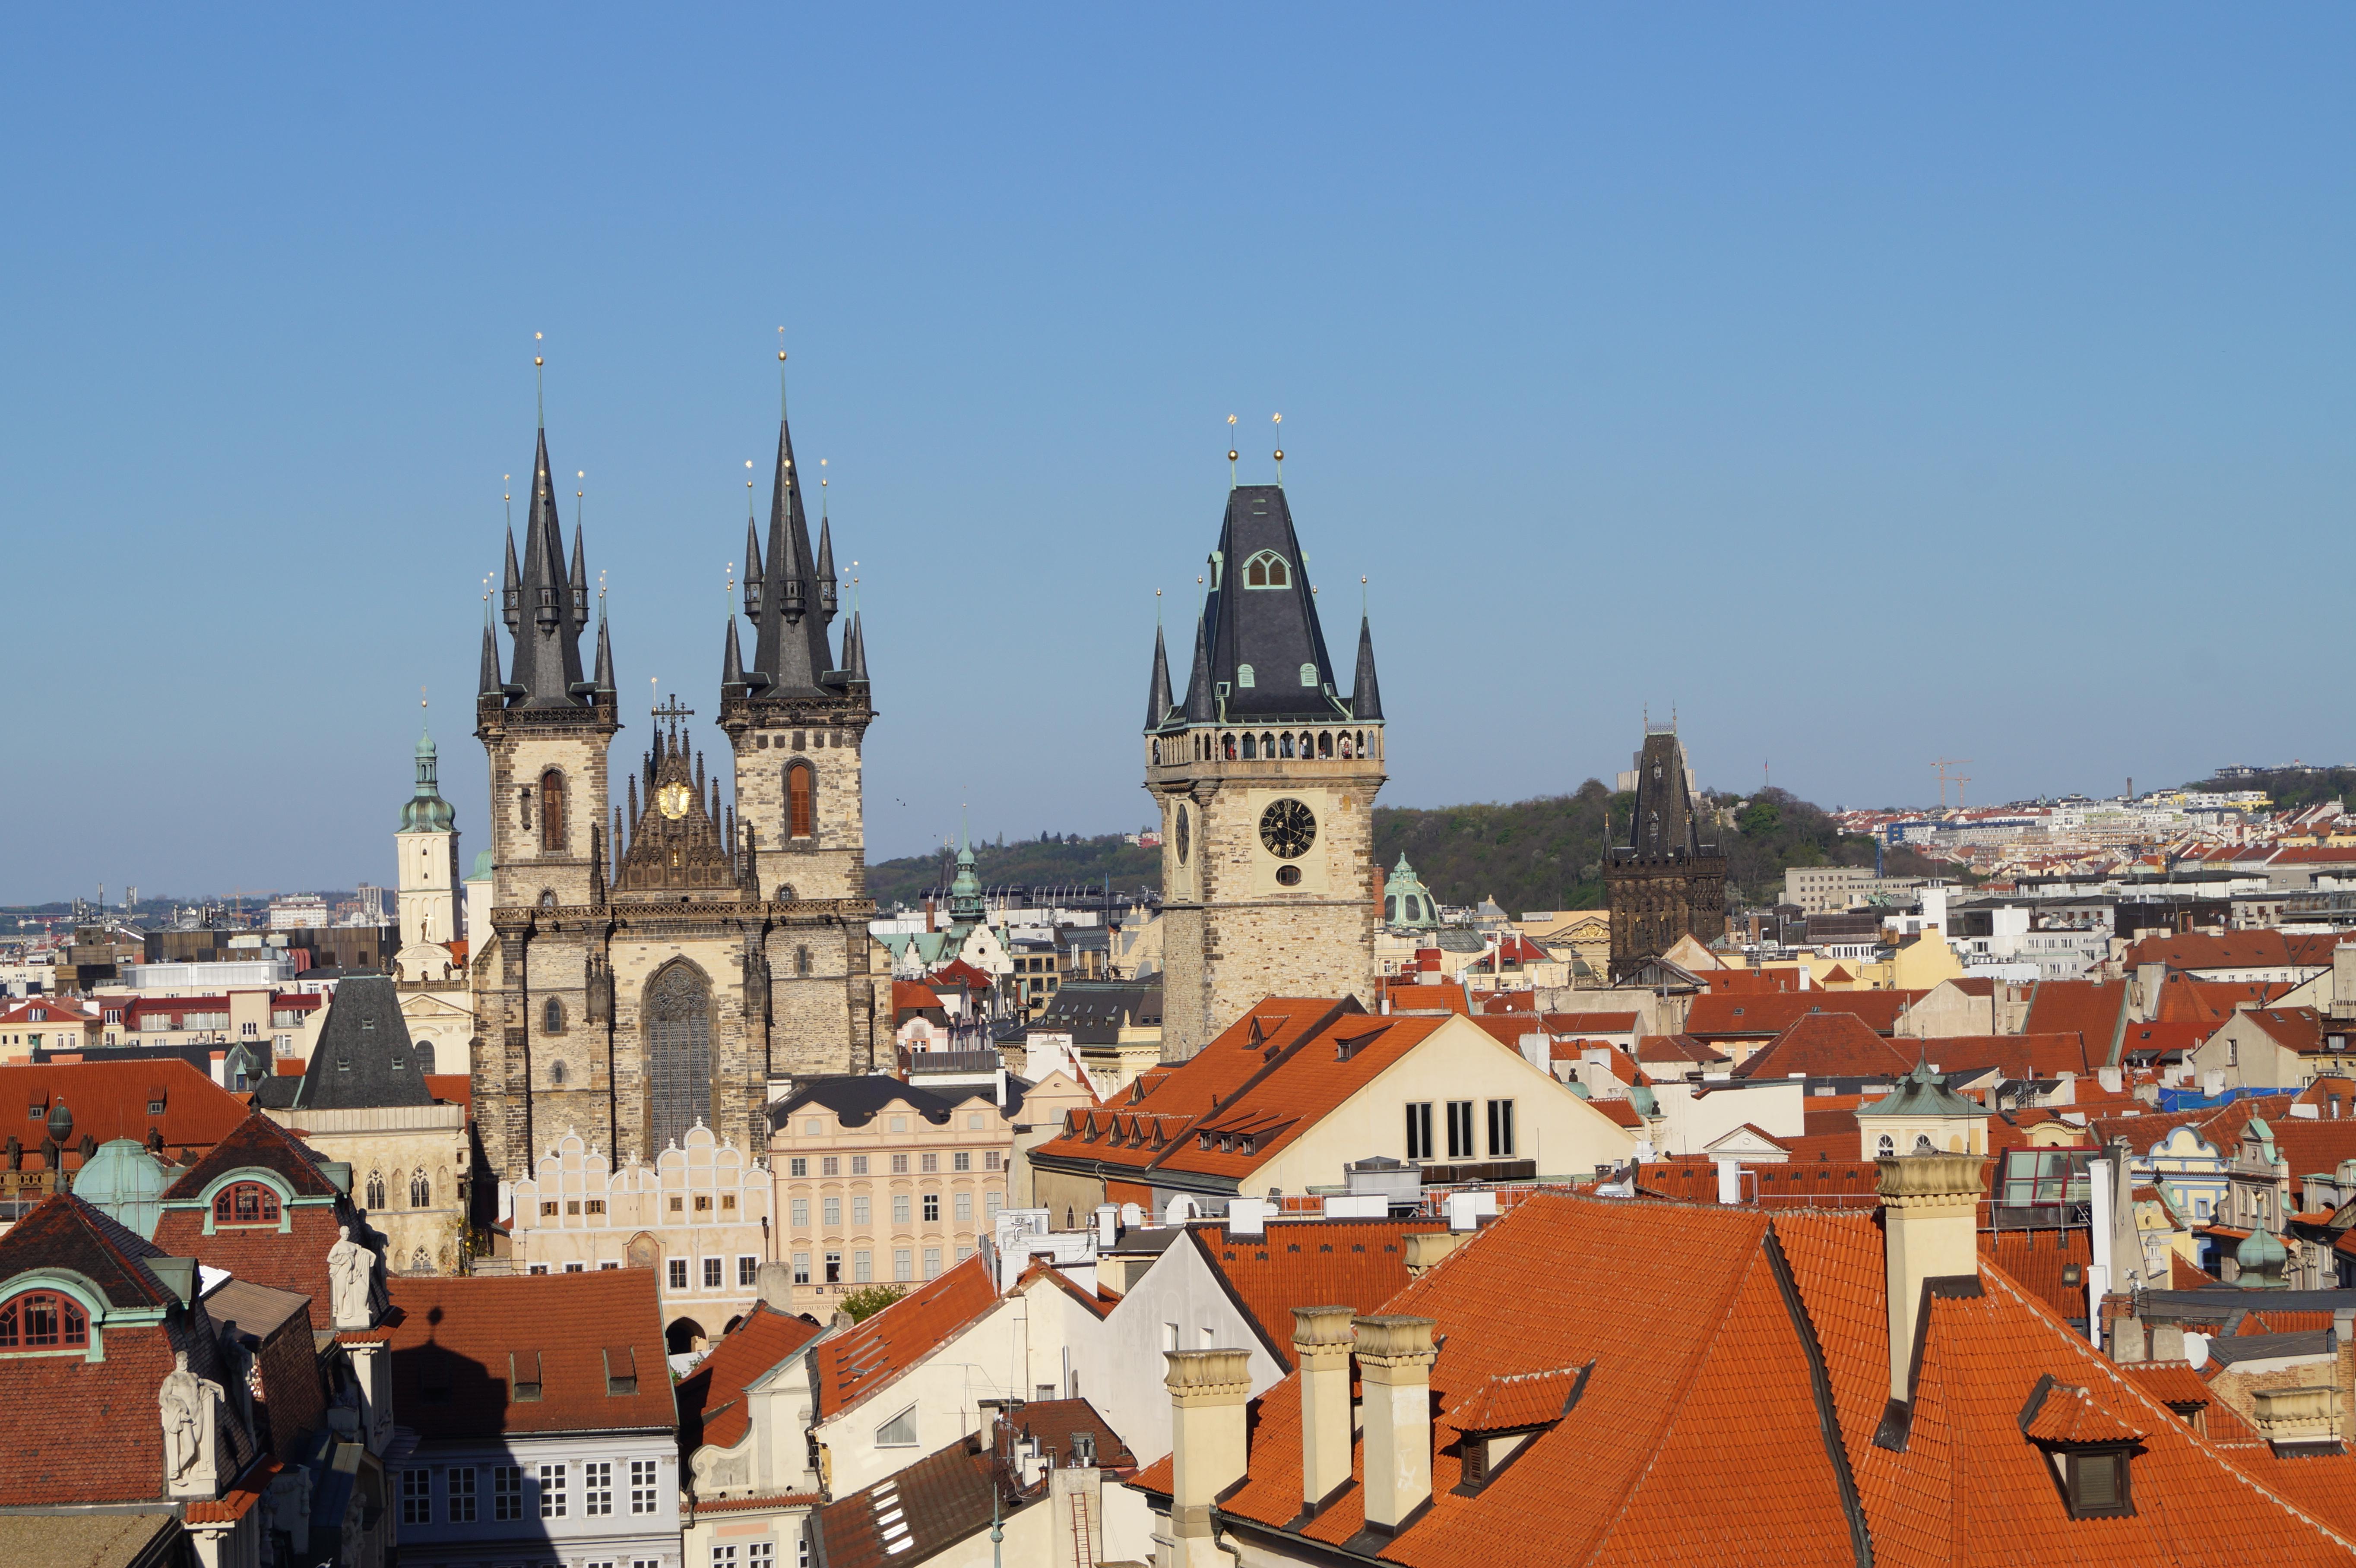 Vistas desde la Torre Astronómica: la iglesia de Týn, el Ayuntamiento y la Torre de la Pólvora, más a lo lejos.